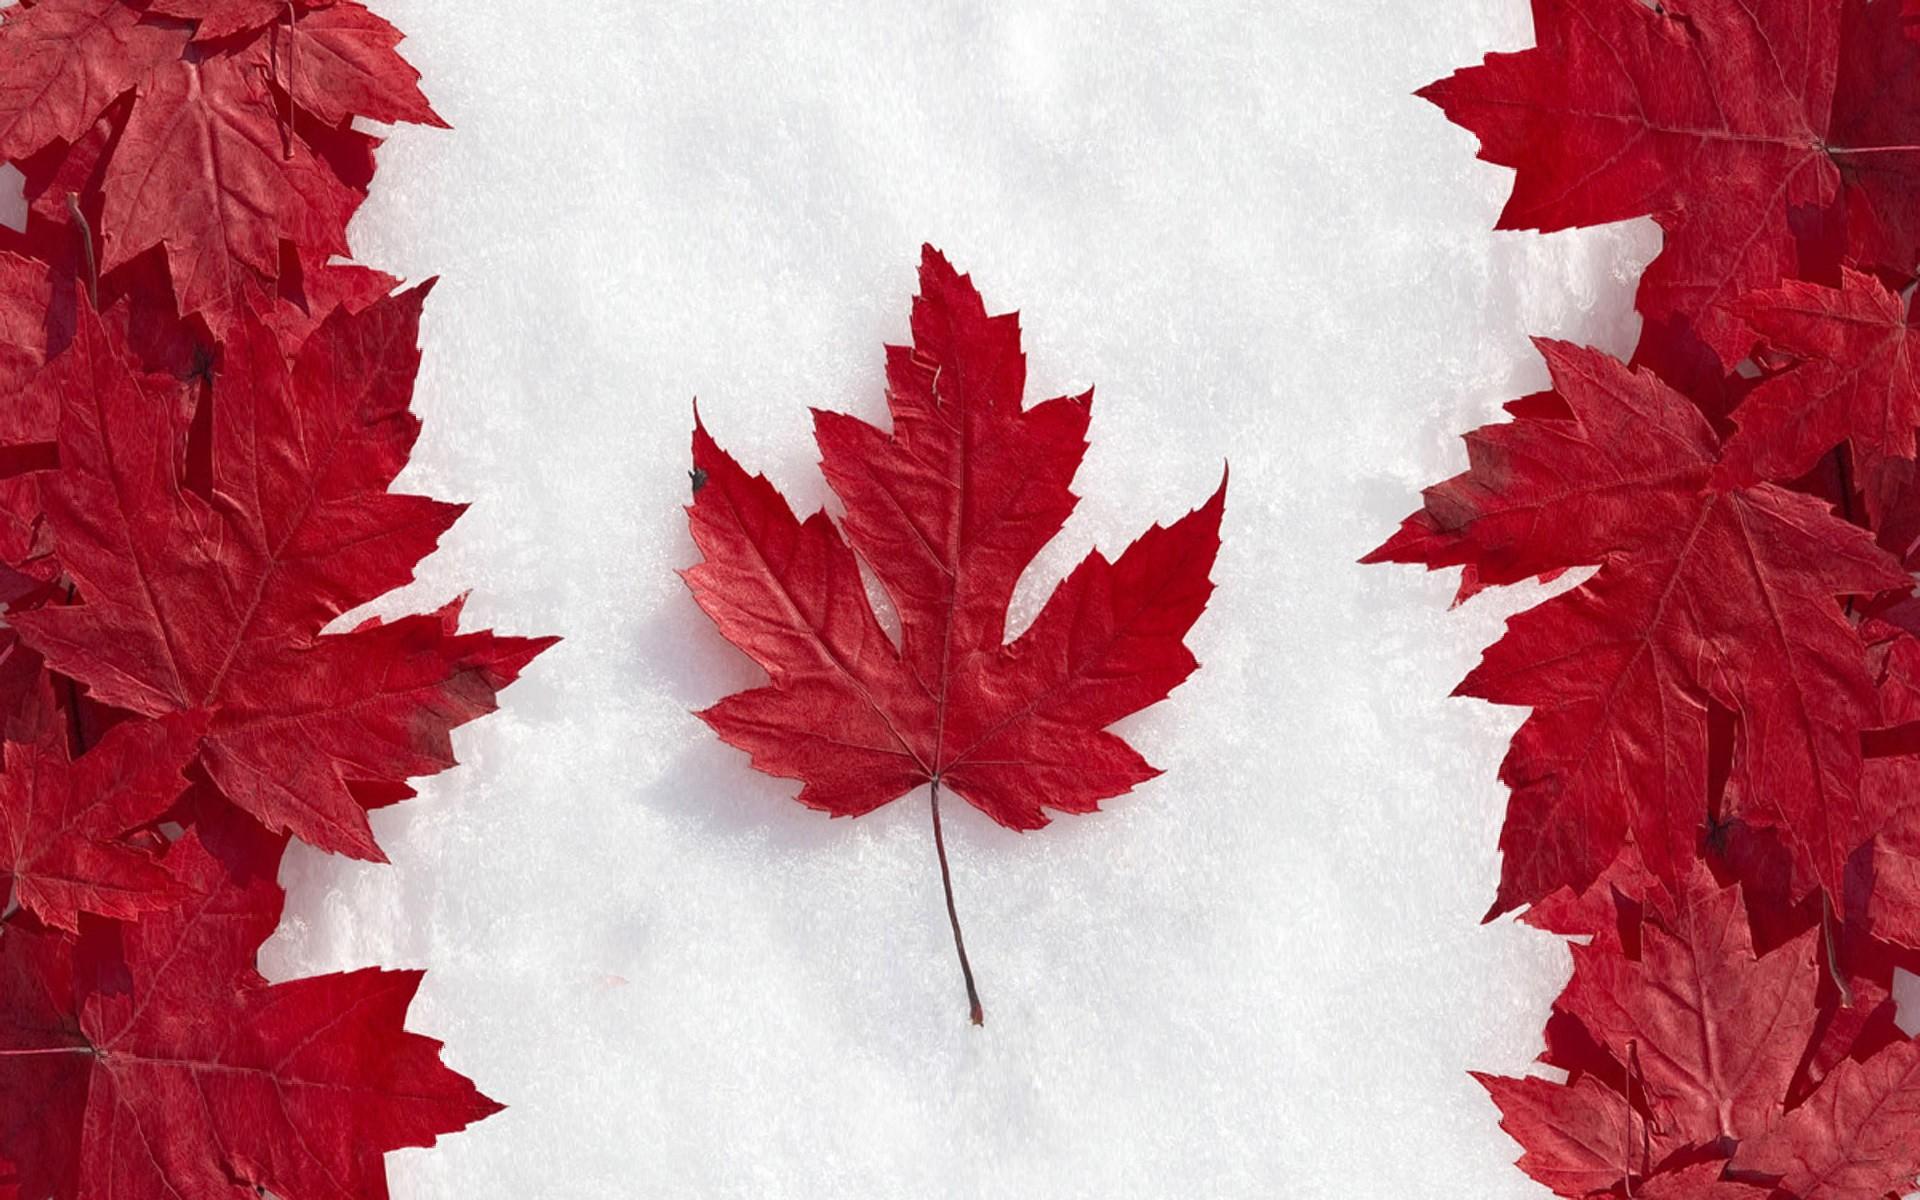 La bandera de Canadá - 1920x1200